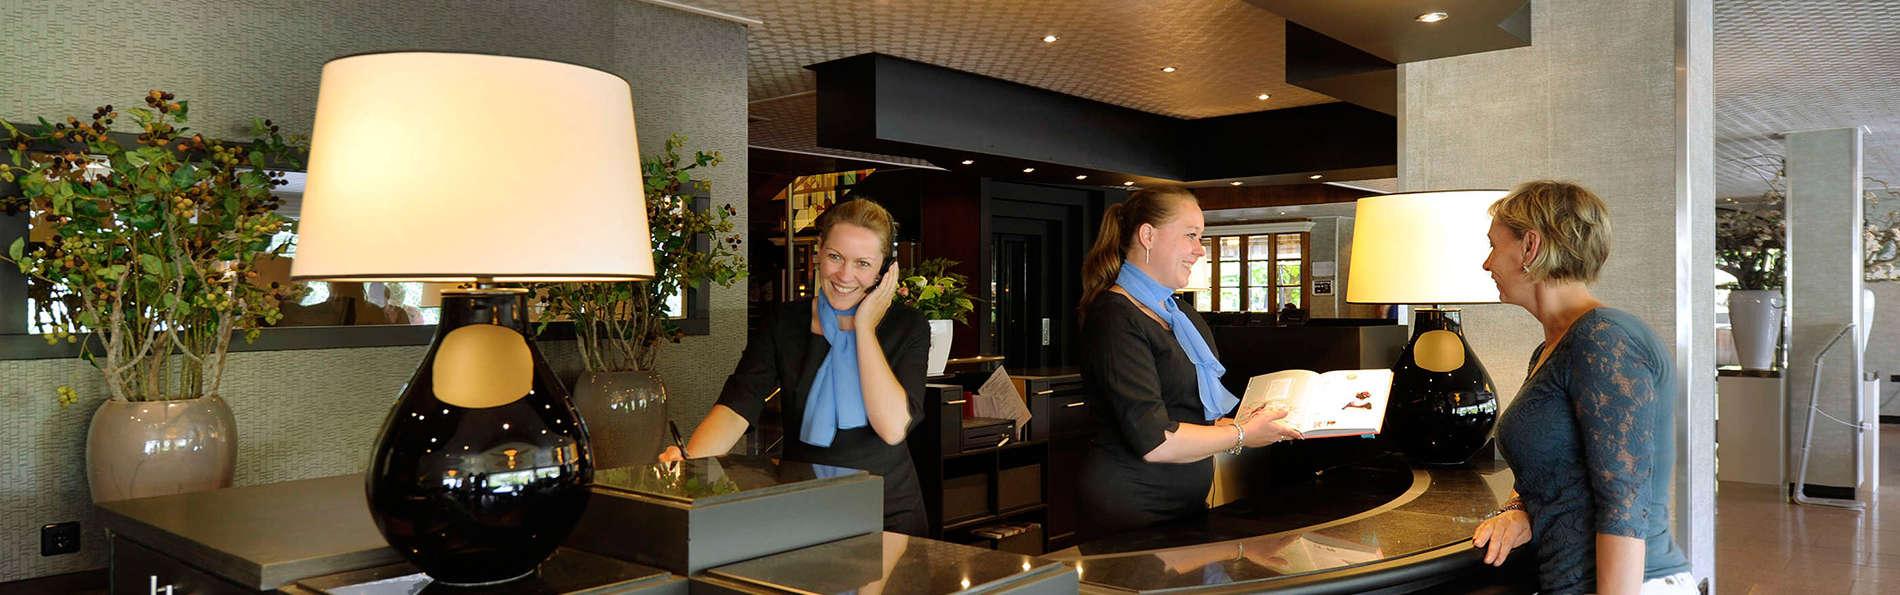 Van der Valk Hotel 's Hertogenbosch - Vught - EDIT_reception.jpg